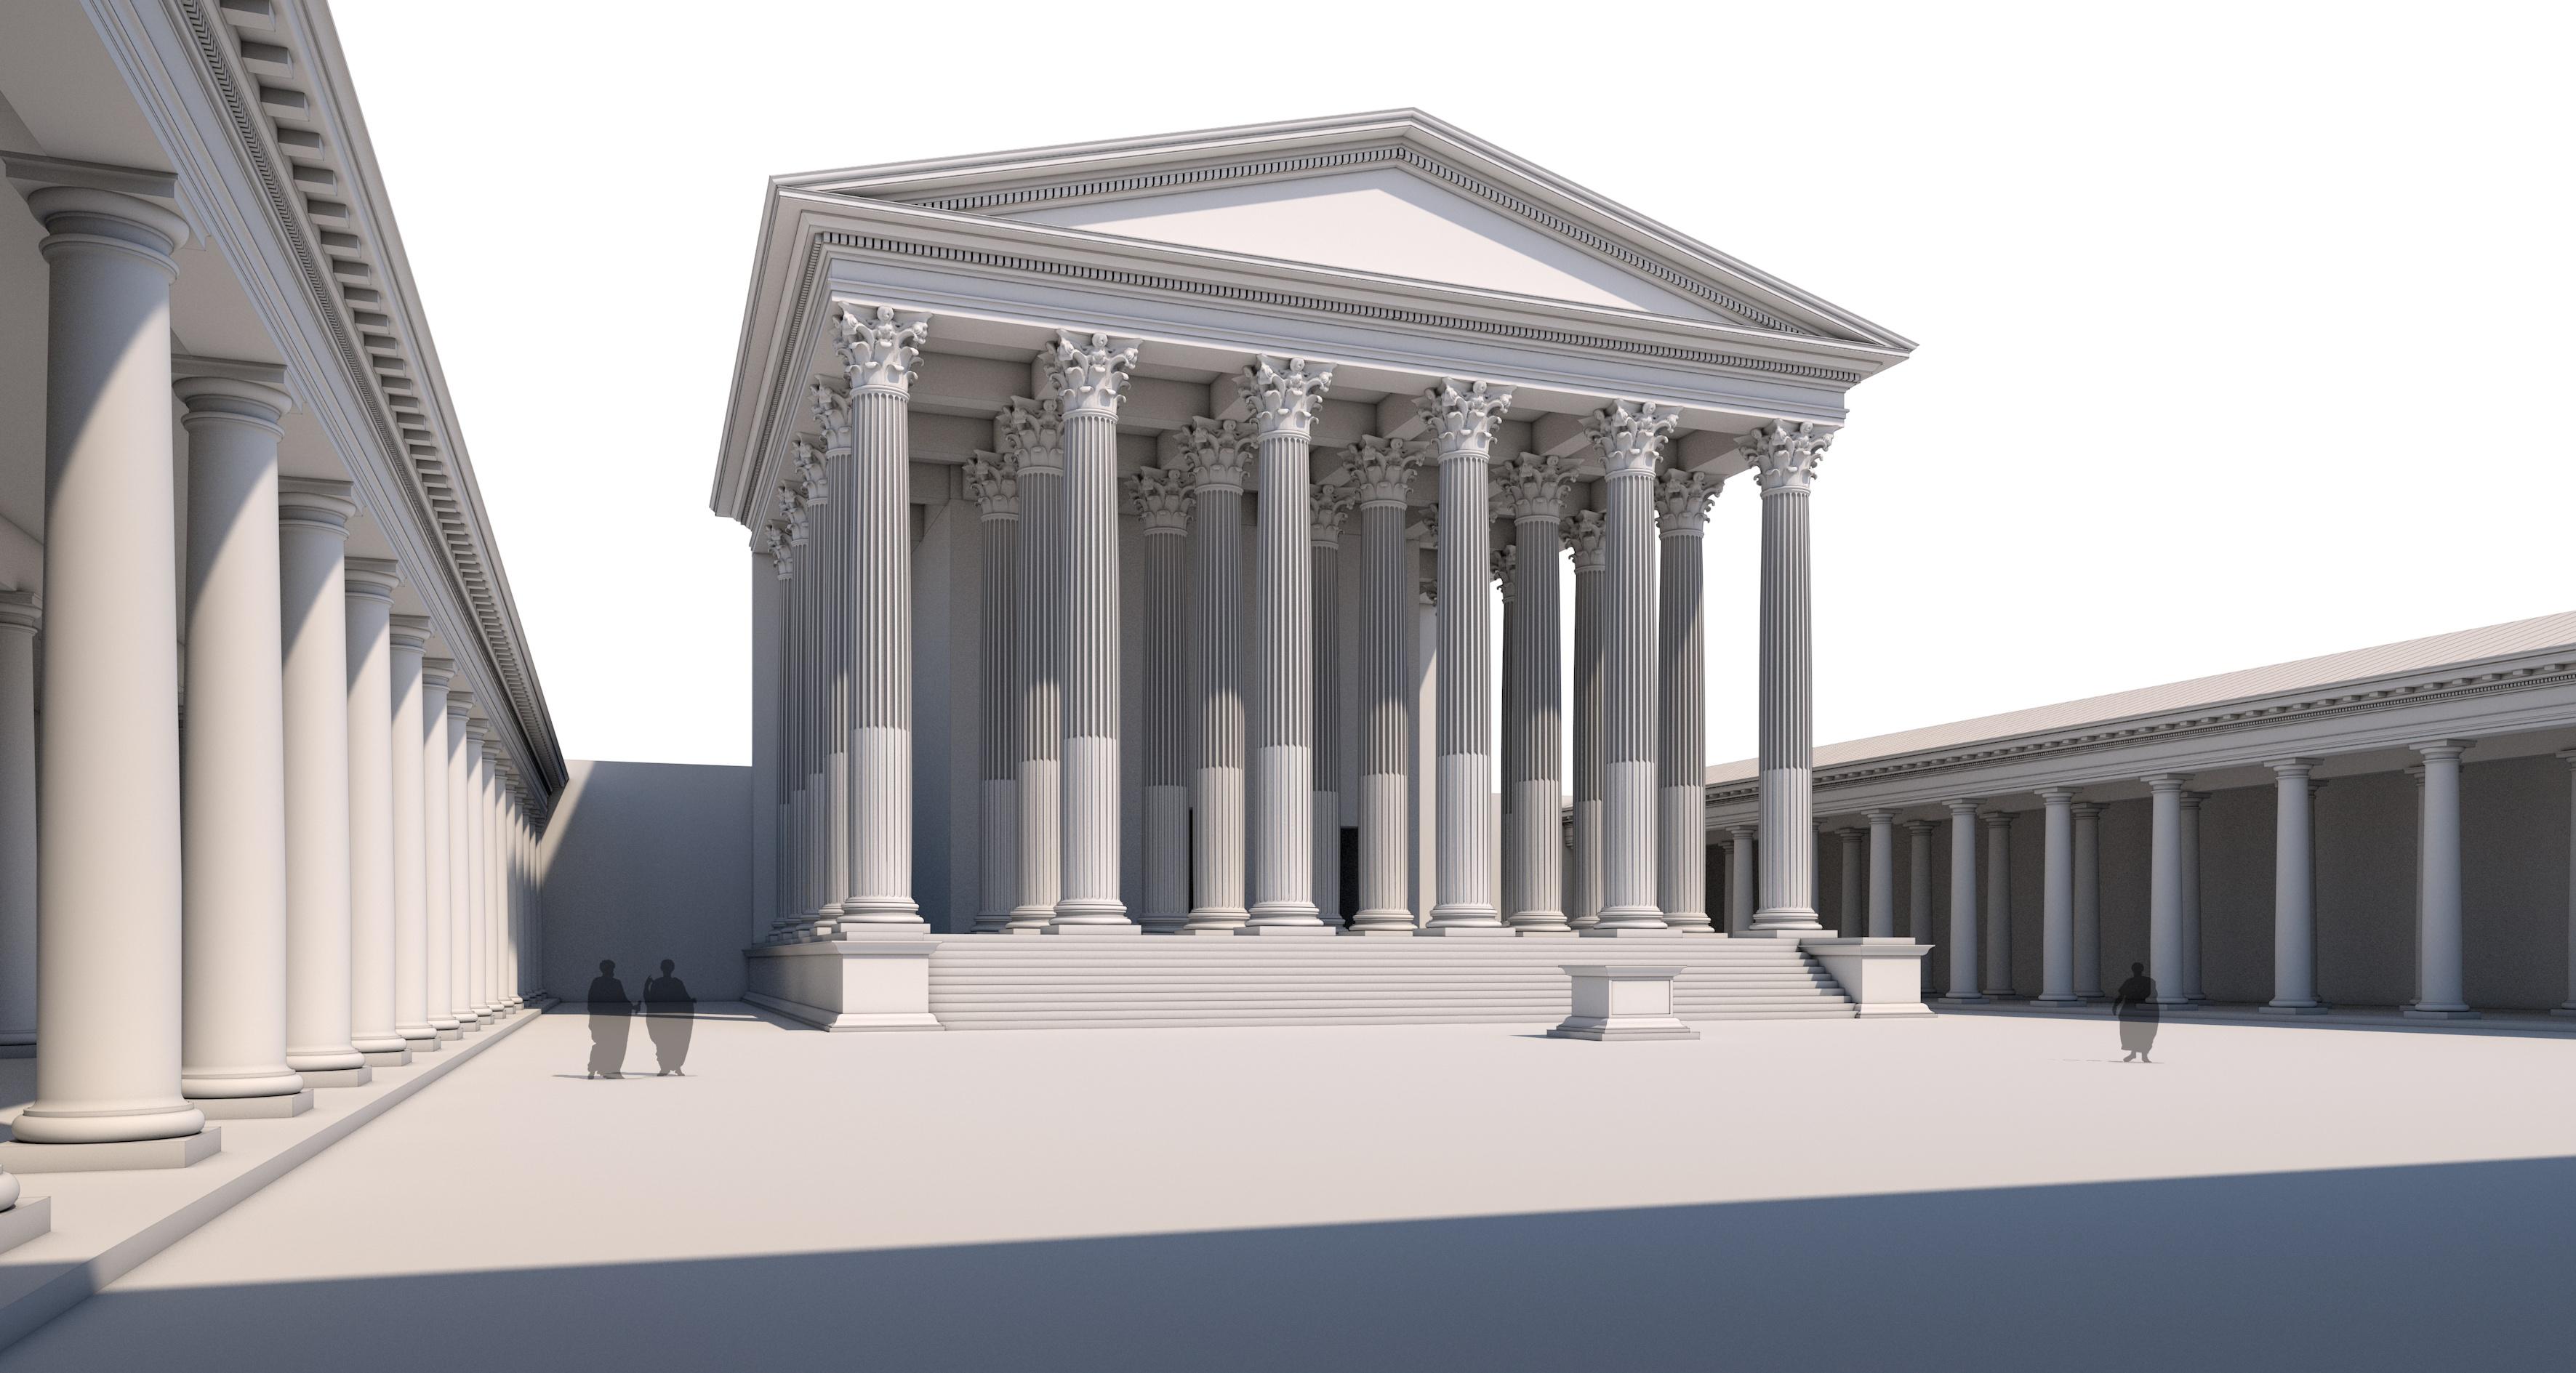 Reconstrucció virtual del gran temple capitolí del Fòrum de la Colònia reproduït al fascicle número 2 del col·leccionable.